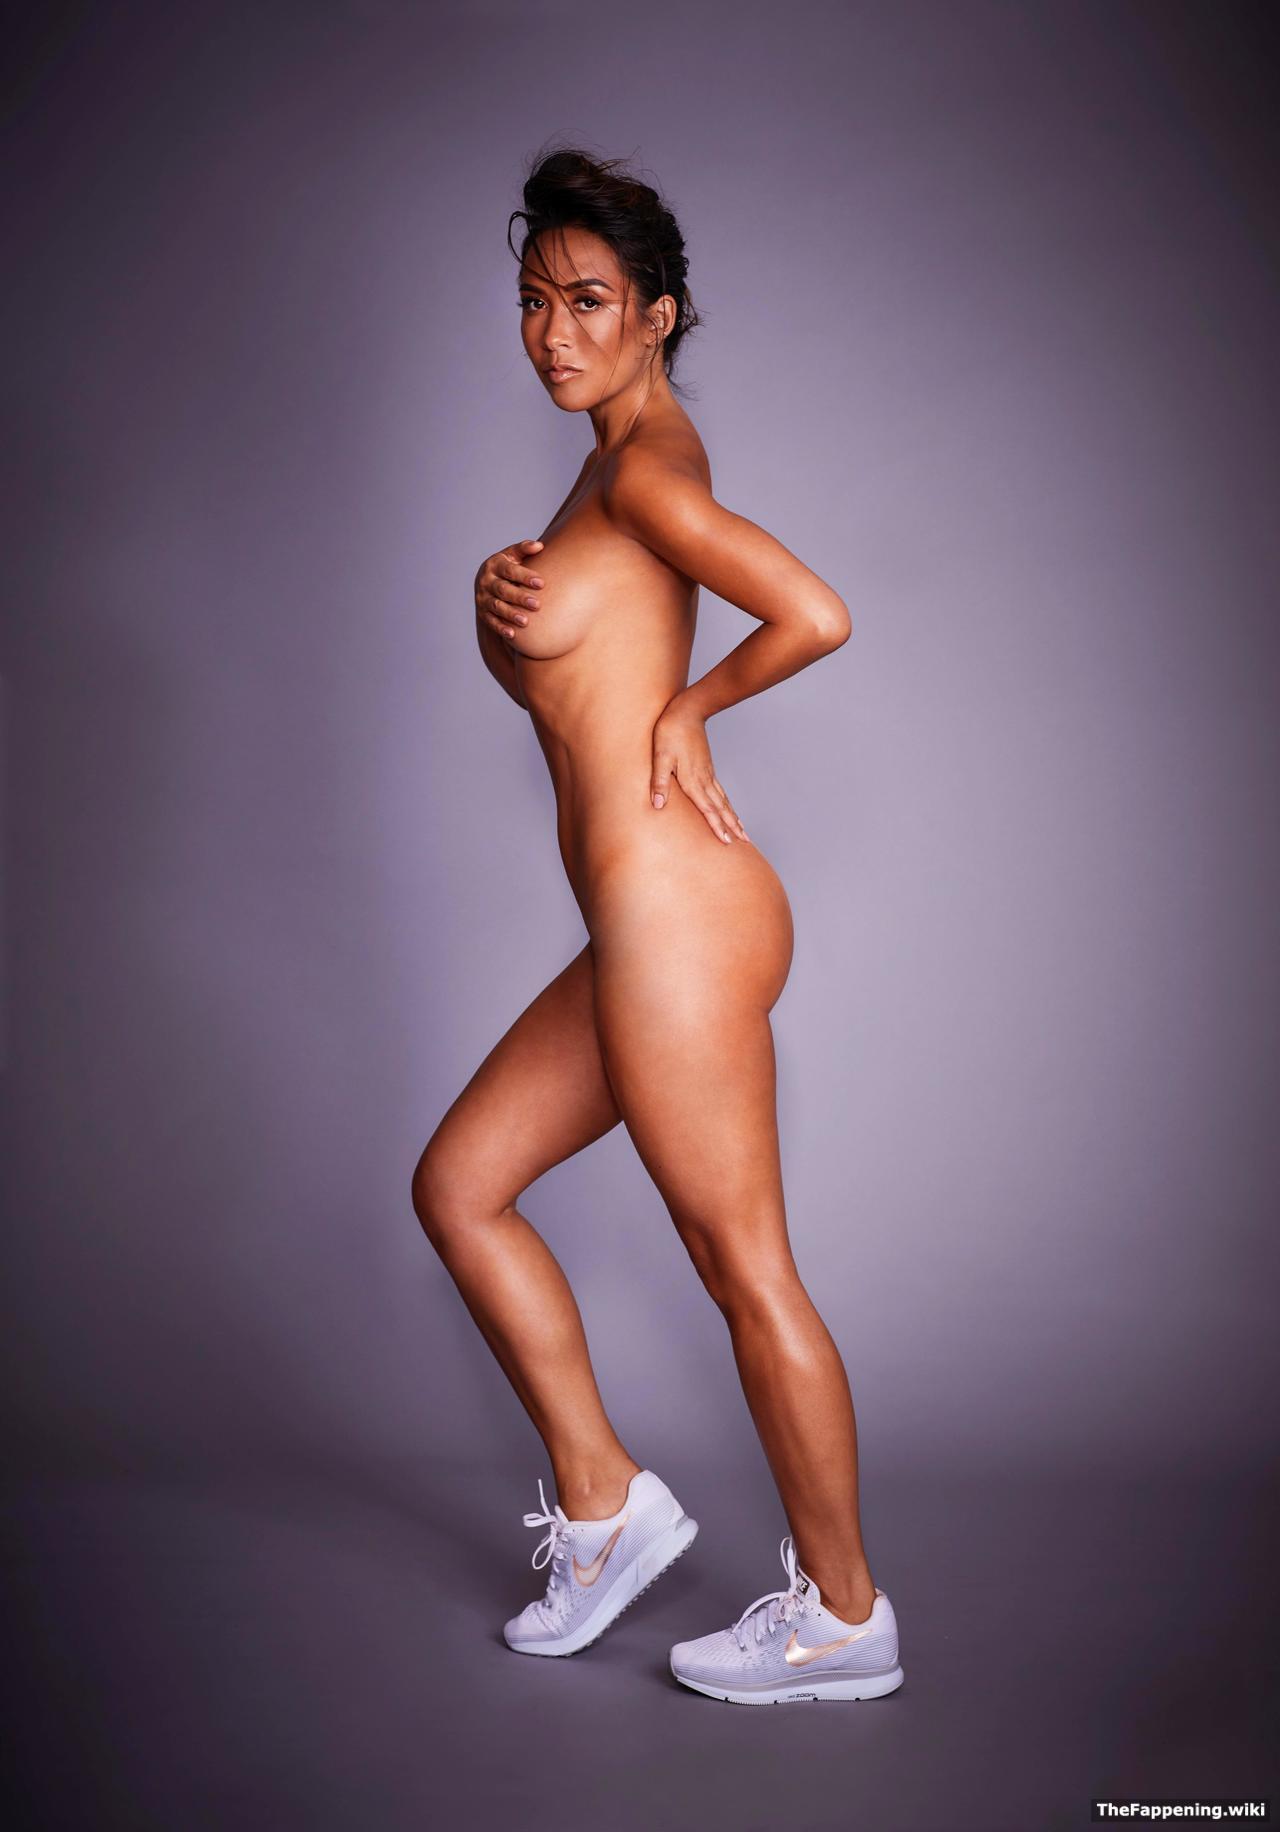 Aguilera christina naked pic